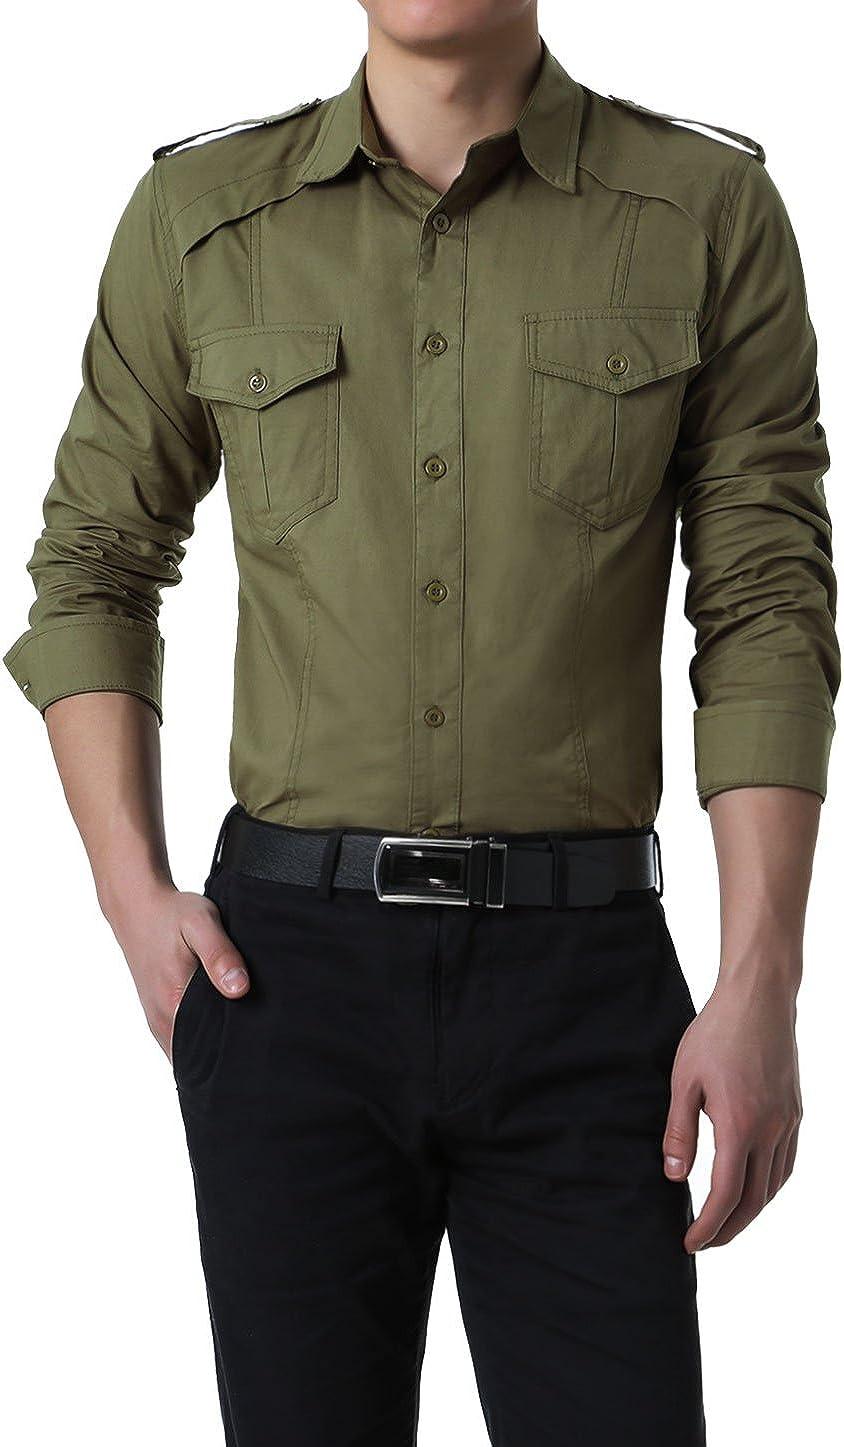 Allegra K Camisa De Mangas Largas para Hombres Estilo Militar con Botones - Verde Militar/L (US 42), L (EU 52): Amazon.es: Ropa y accesorios